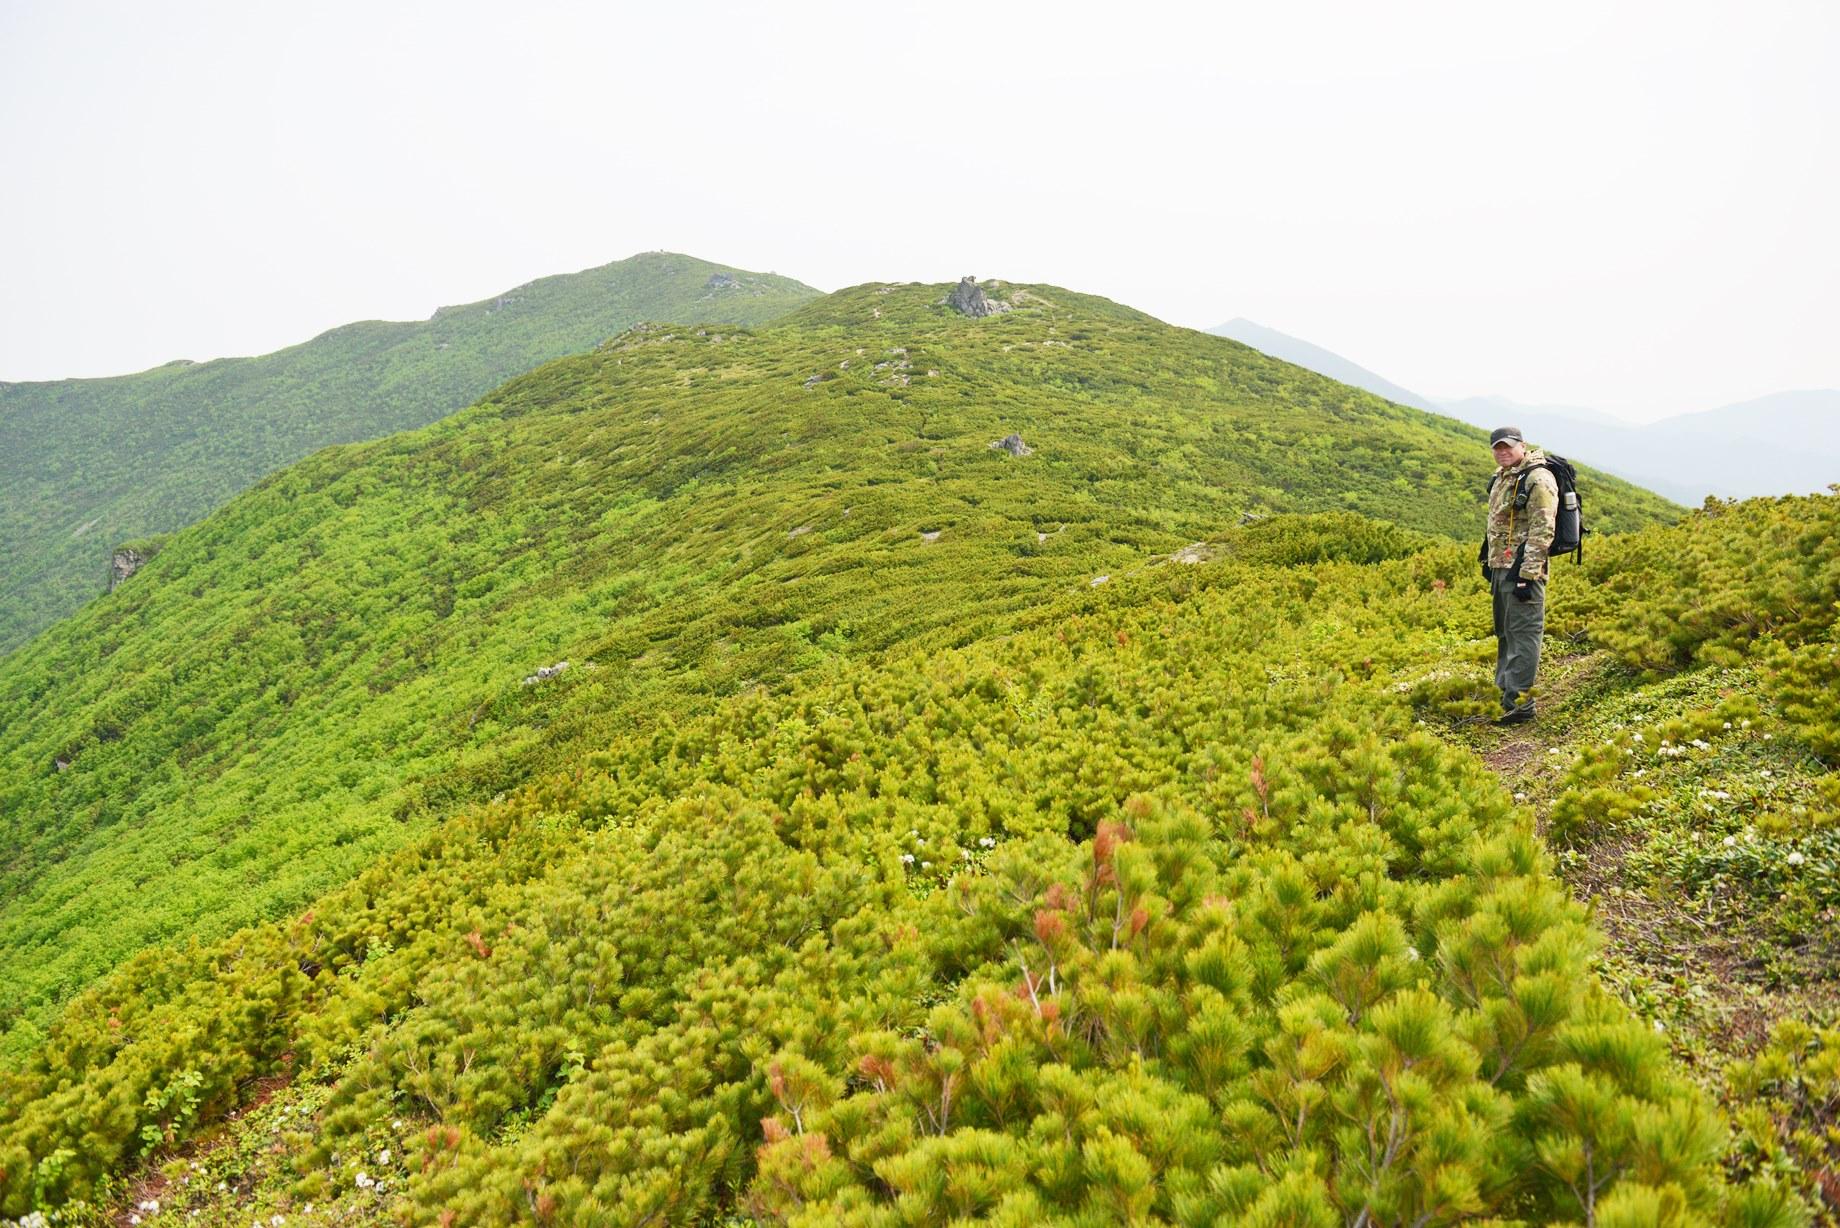 サハリン南部の名峰チェーホフ山登頂とフラワーハイキング 5日間